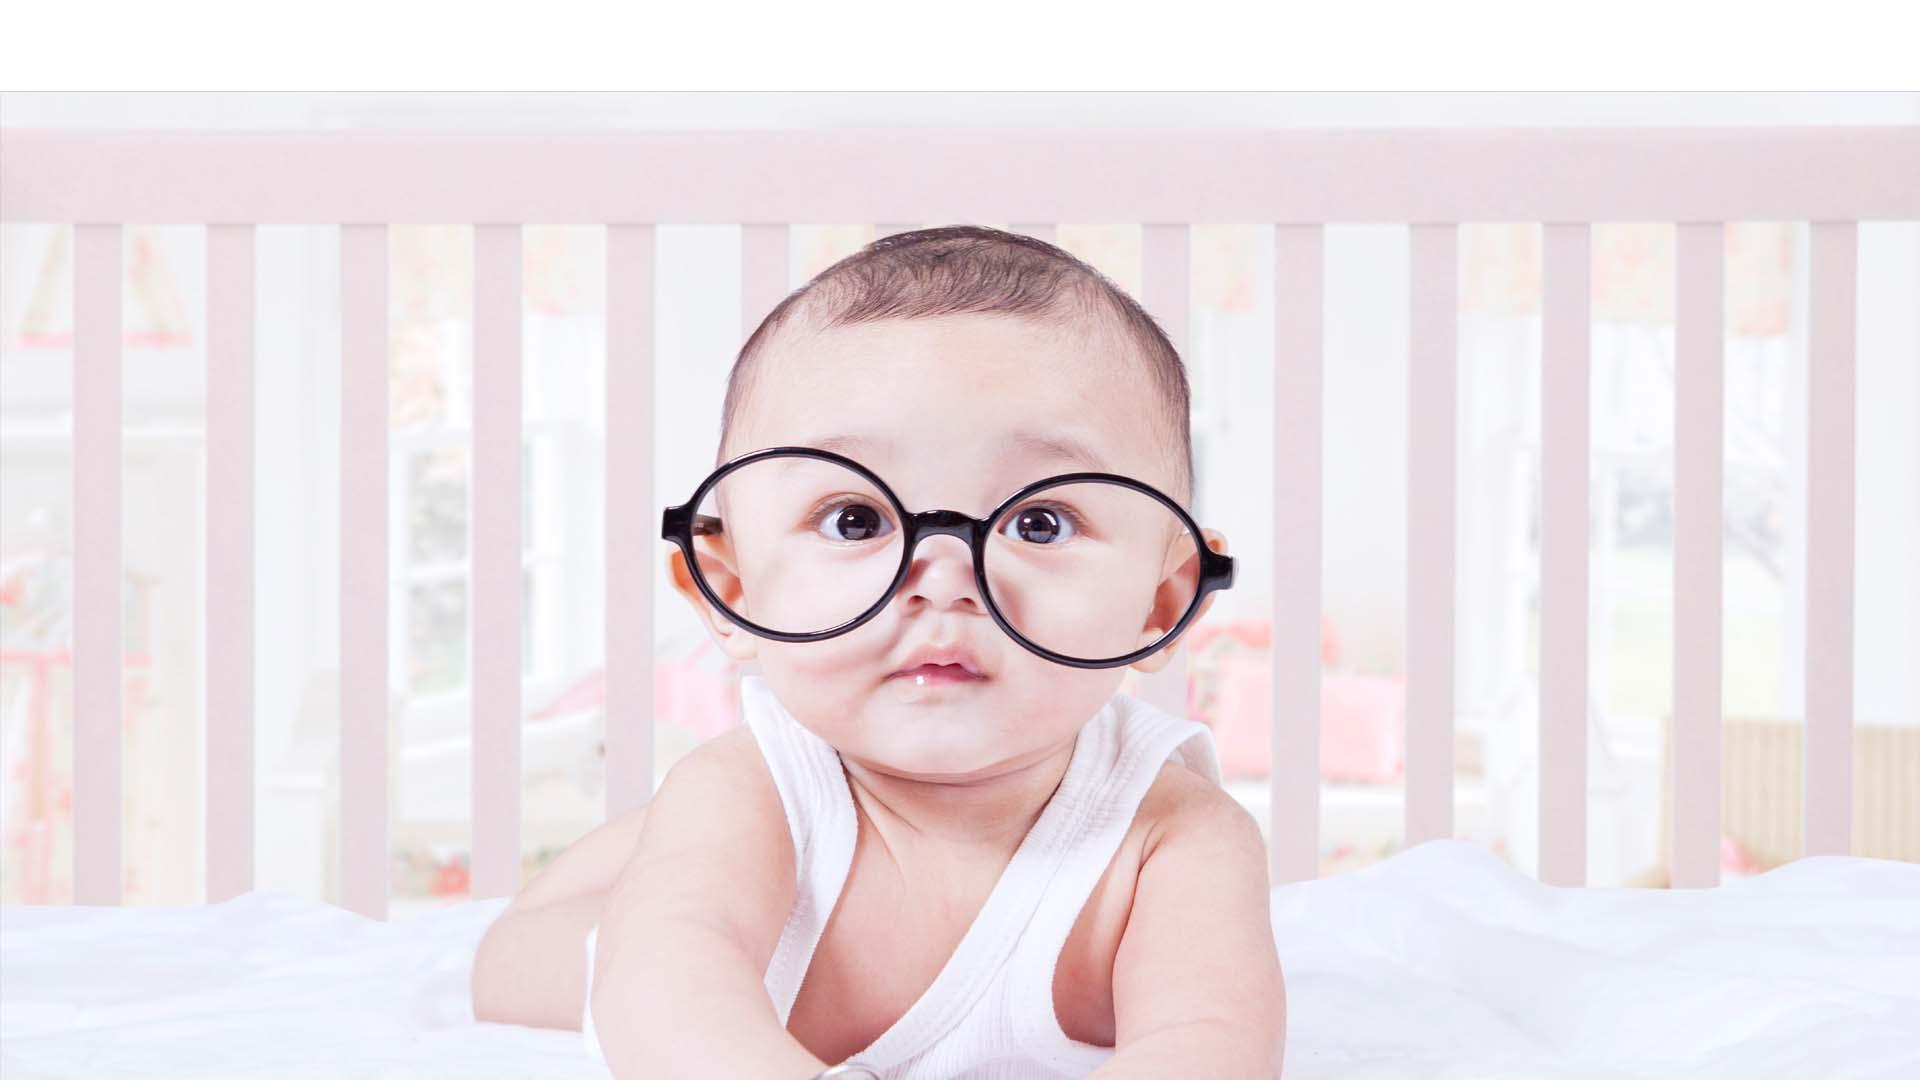 Estudios científicos revelaron que el tejido ocular y la córnea pueden regenerarse con un tratamiento de células madres